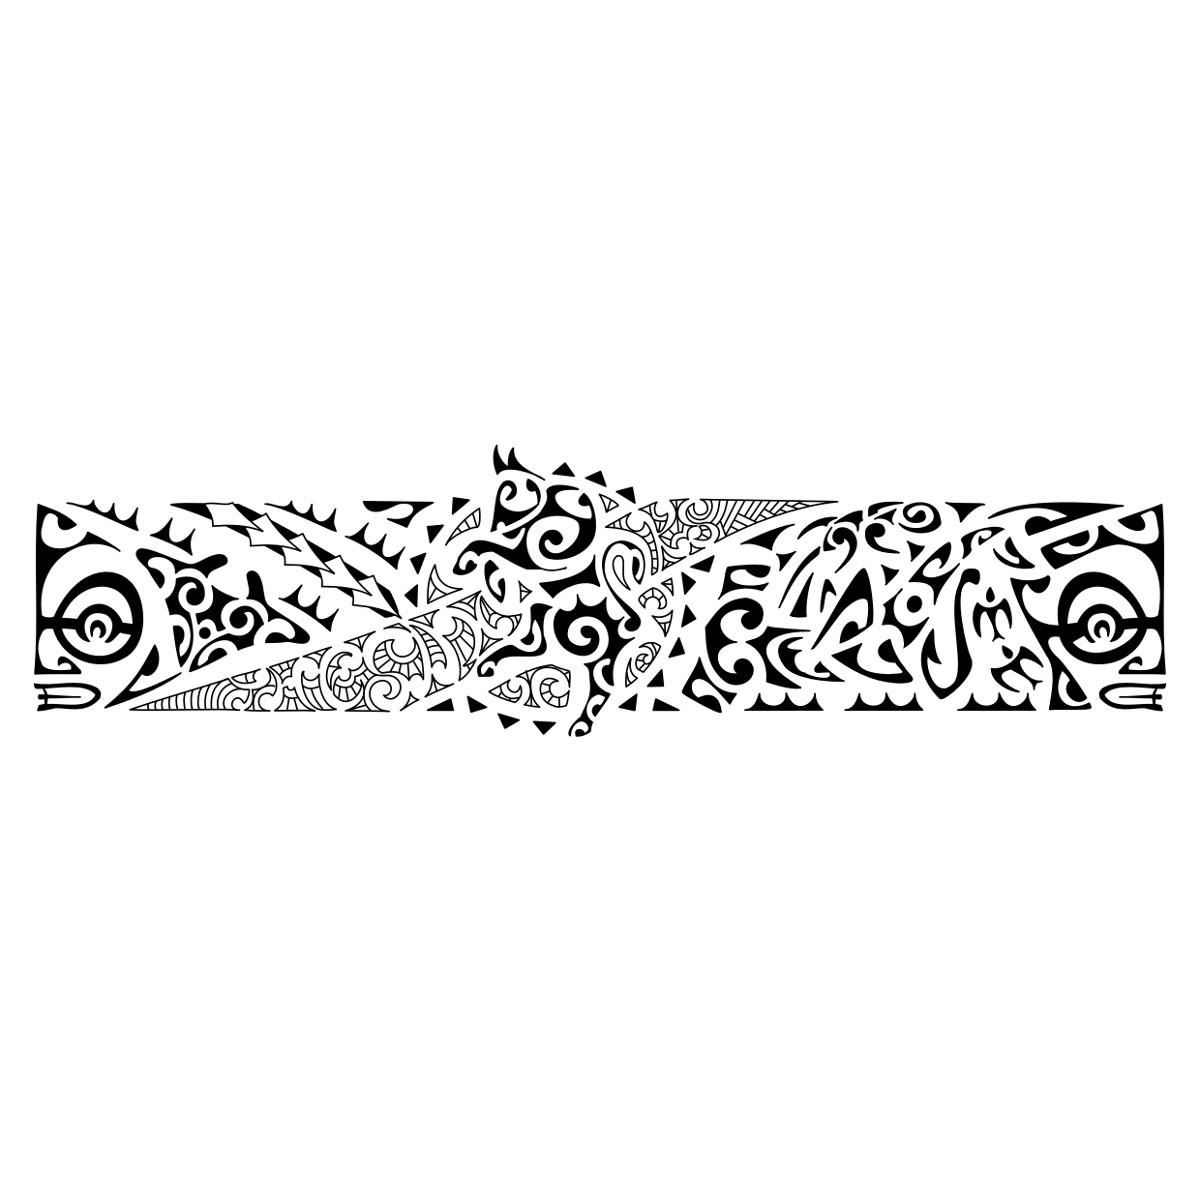 tetov l s mint k s k pek tetk bar toknak ce nia maori polin z hawaii tetov l s mint k 01 50. Black Bedroom Furniture Sets. Home Design Ideas